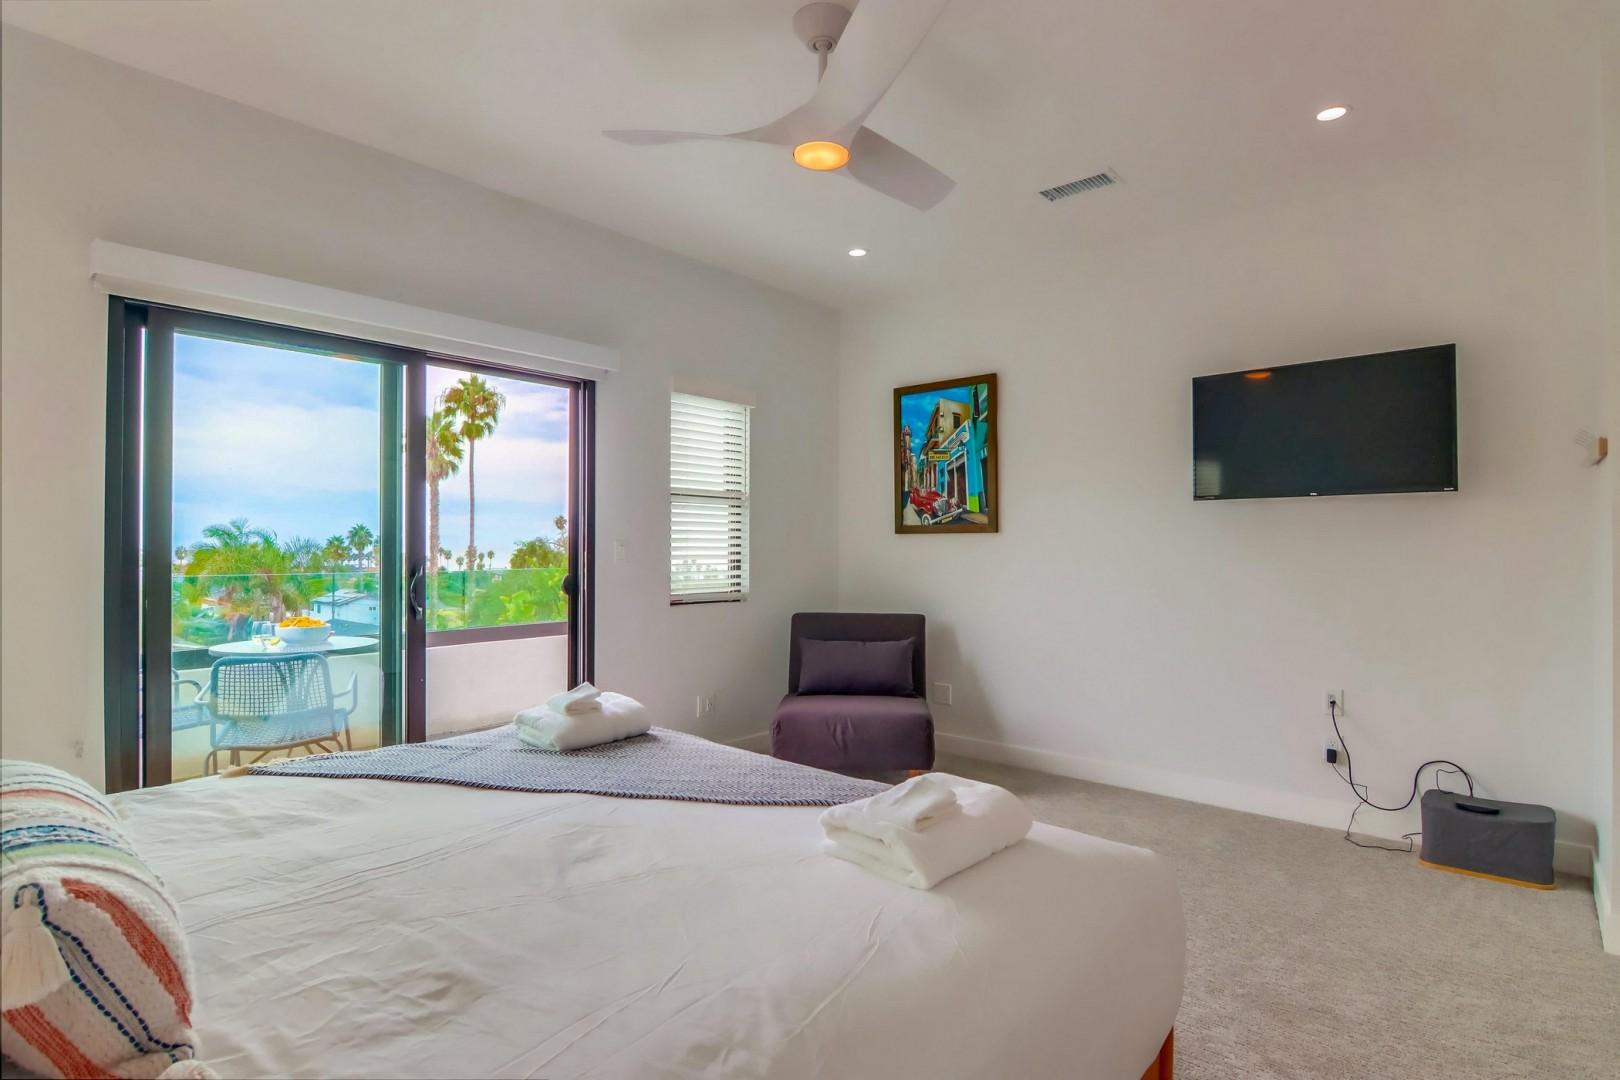 Bedroom suite 2 with TV